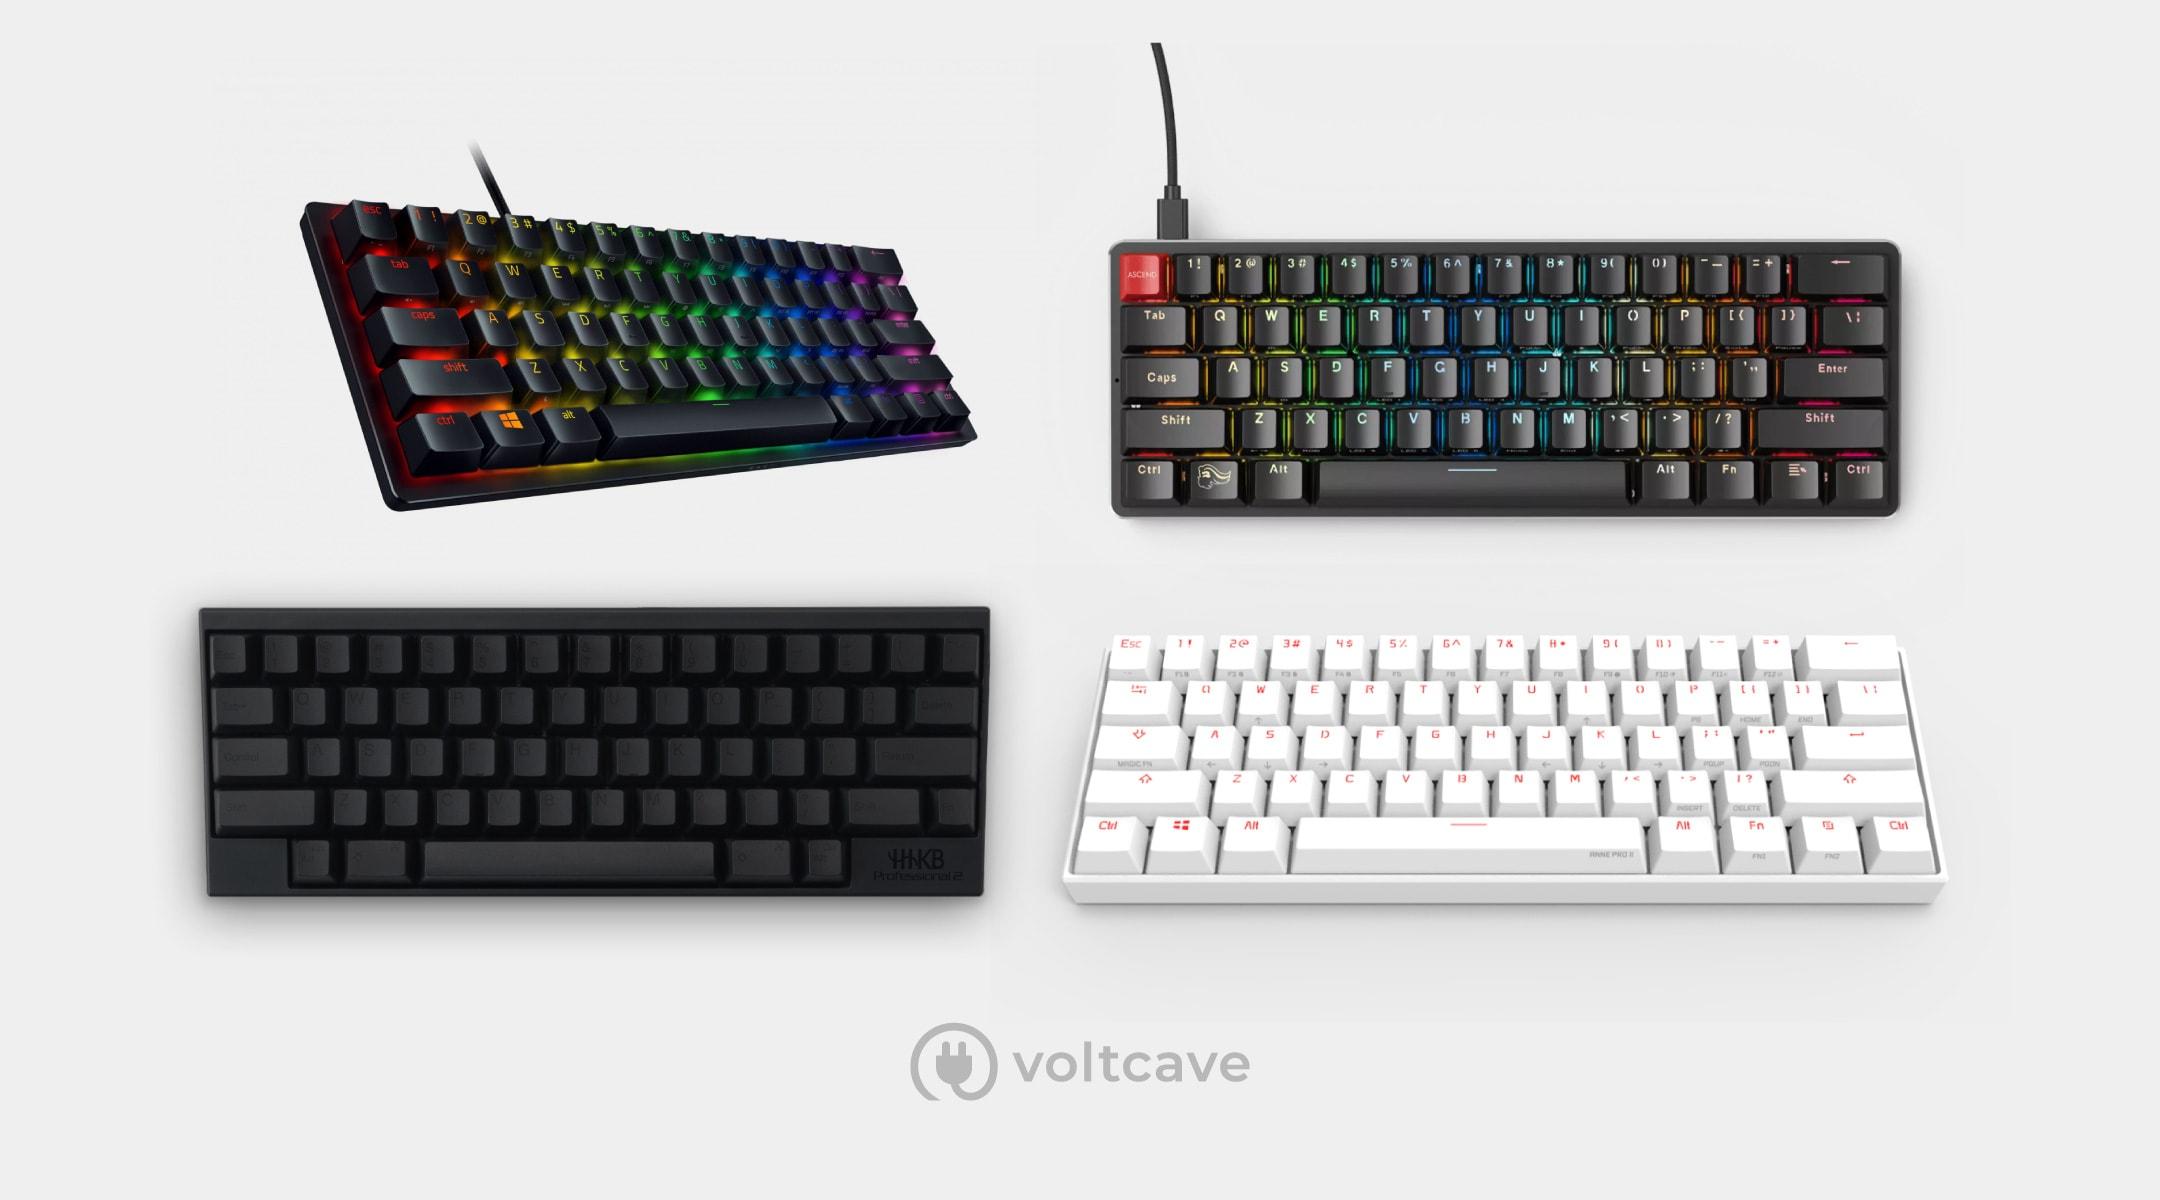 best 60% keyboards